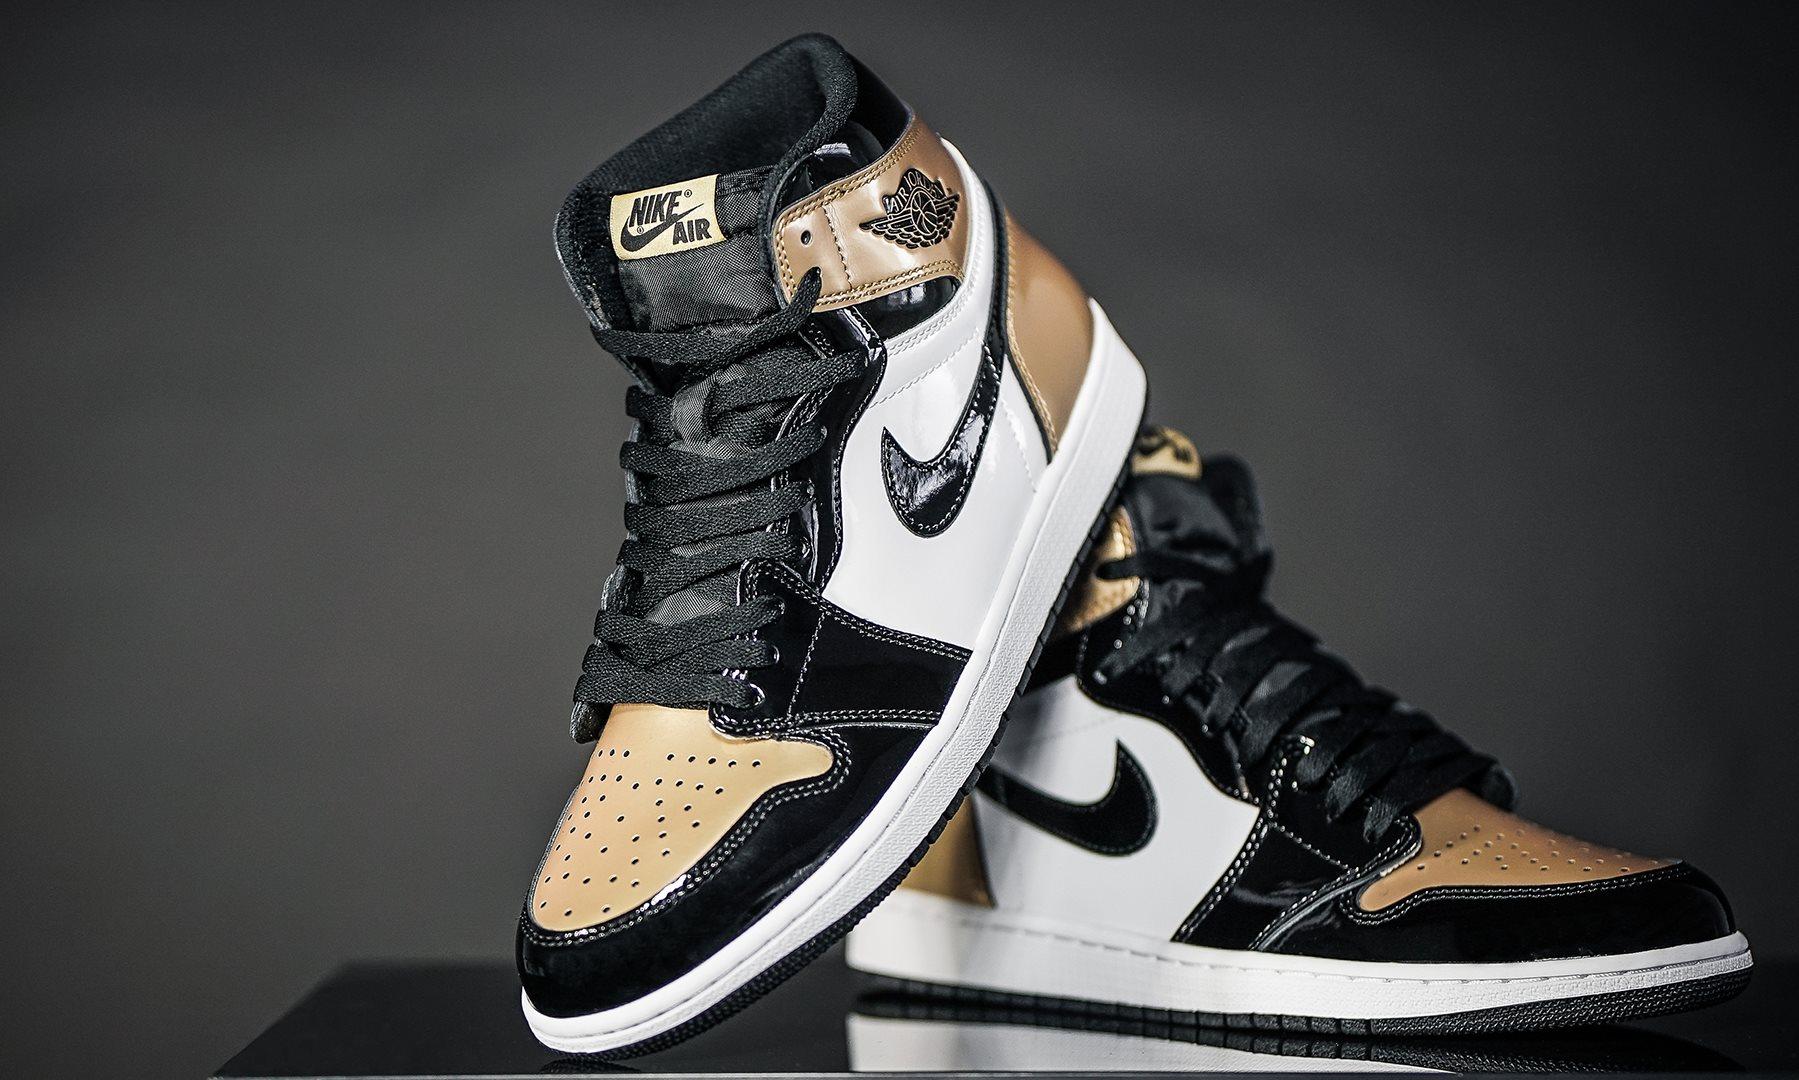 reputable site 98c6f abdf1 Air Jordan 1 Retro High OG Gold Toe • KicksOnFire.com